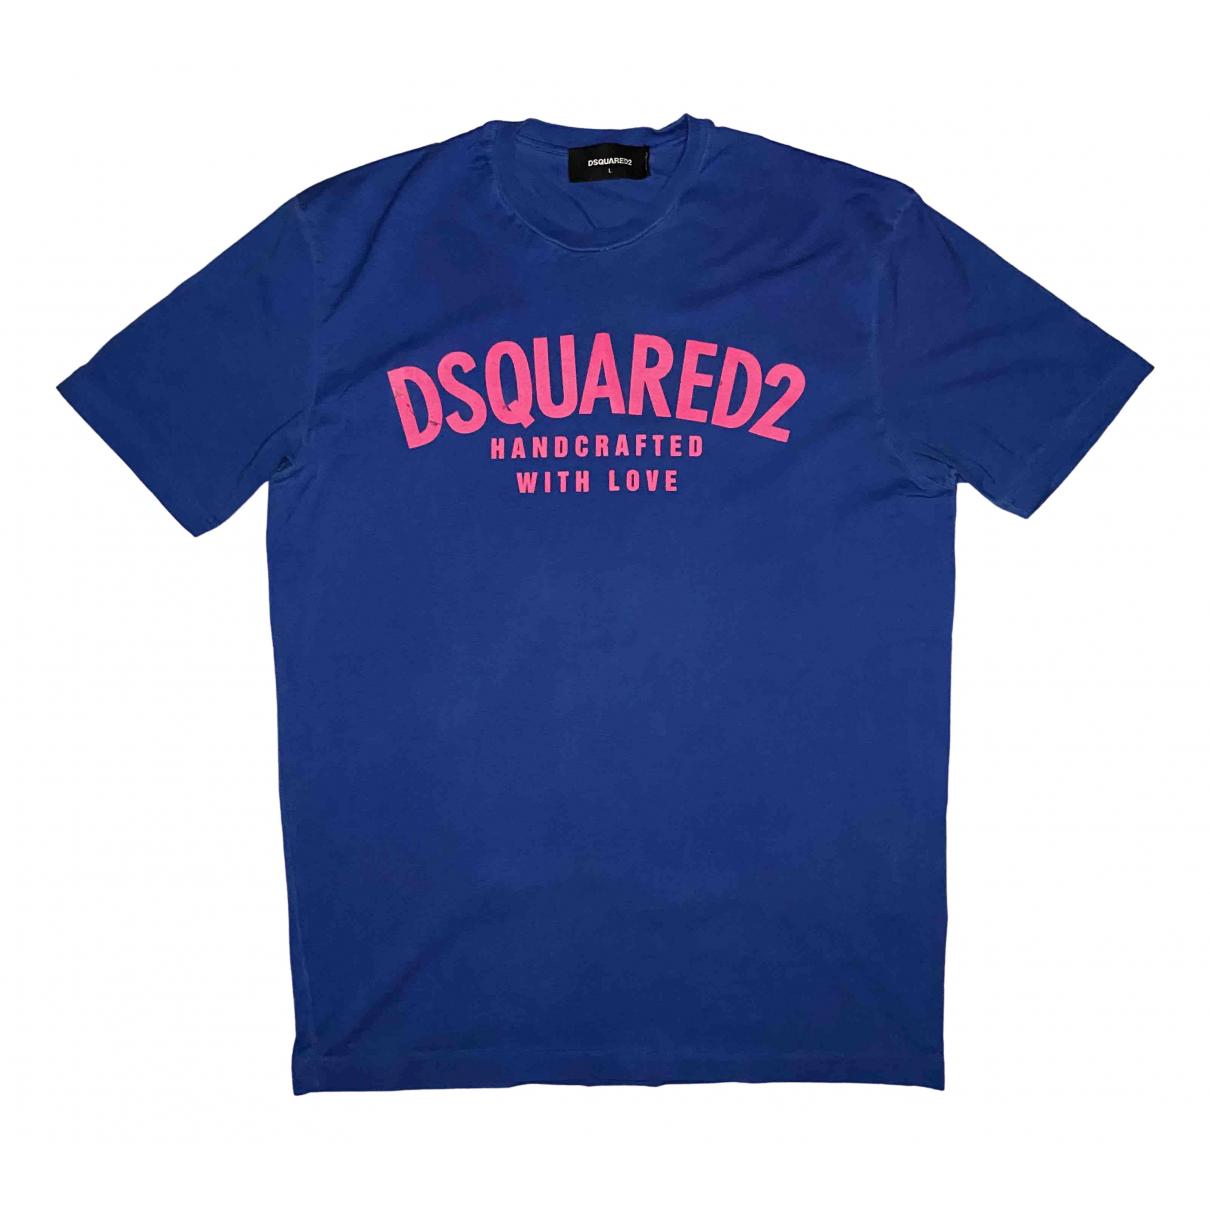 Dsquared2 - Tee shirts   pour homme en coton - bleu